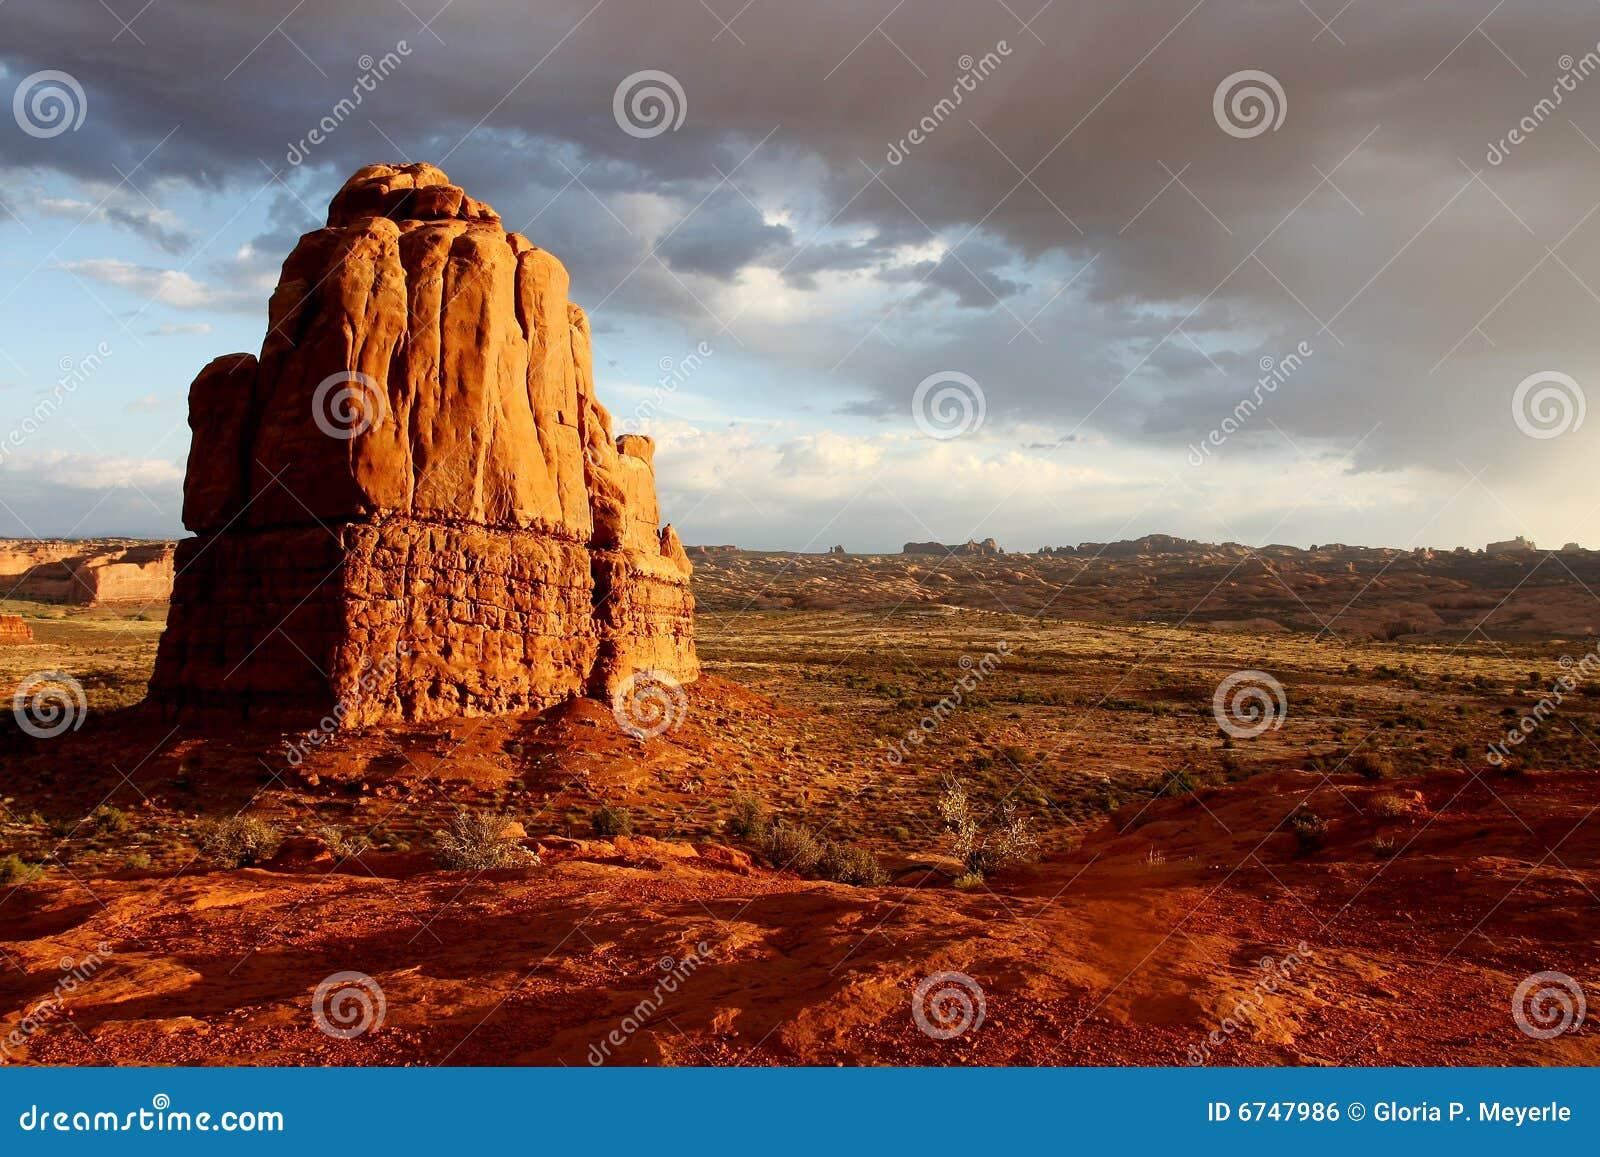 Monolithe rouge de roche